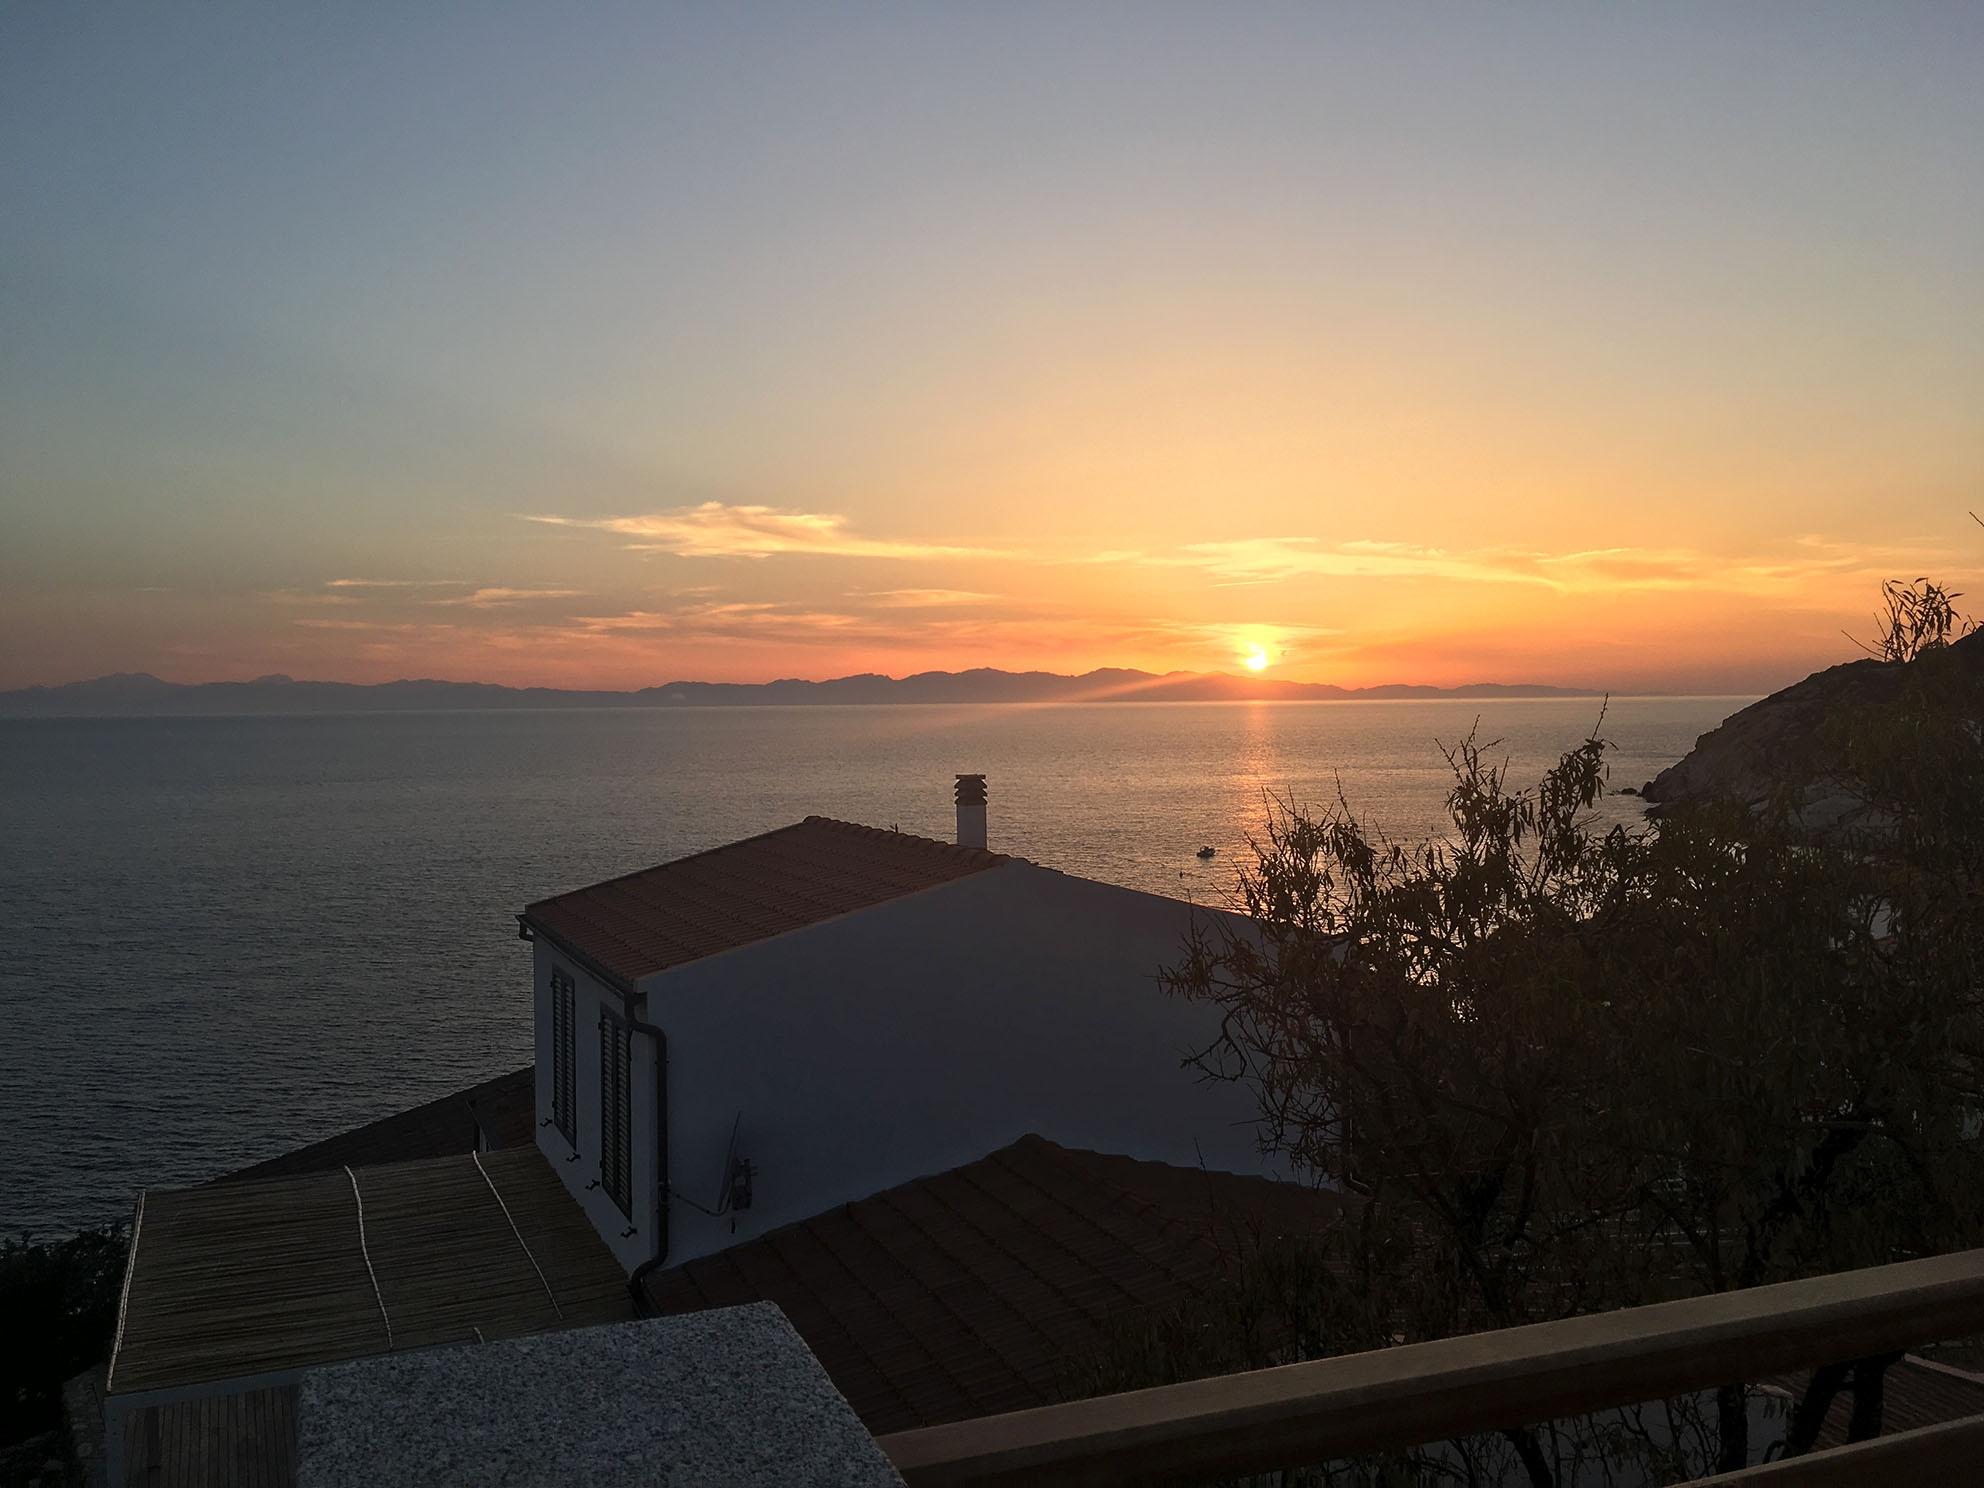 spettacolo notturno: tramonto dietro le montagne della Corsica